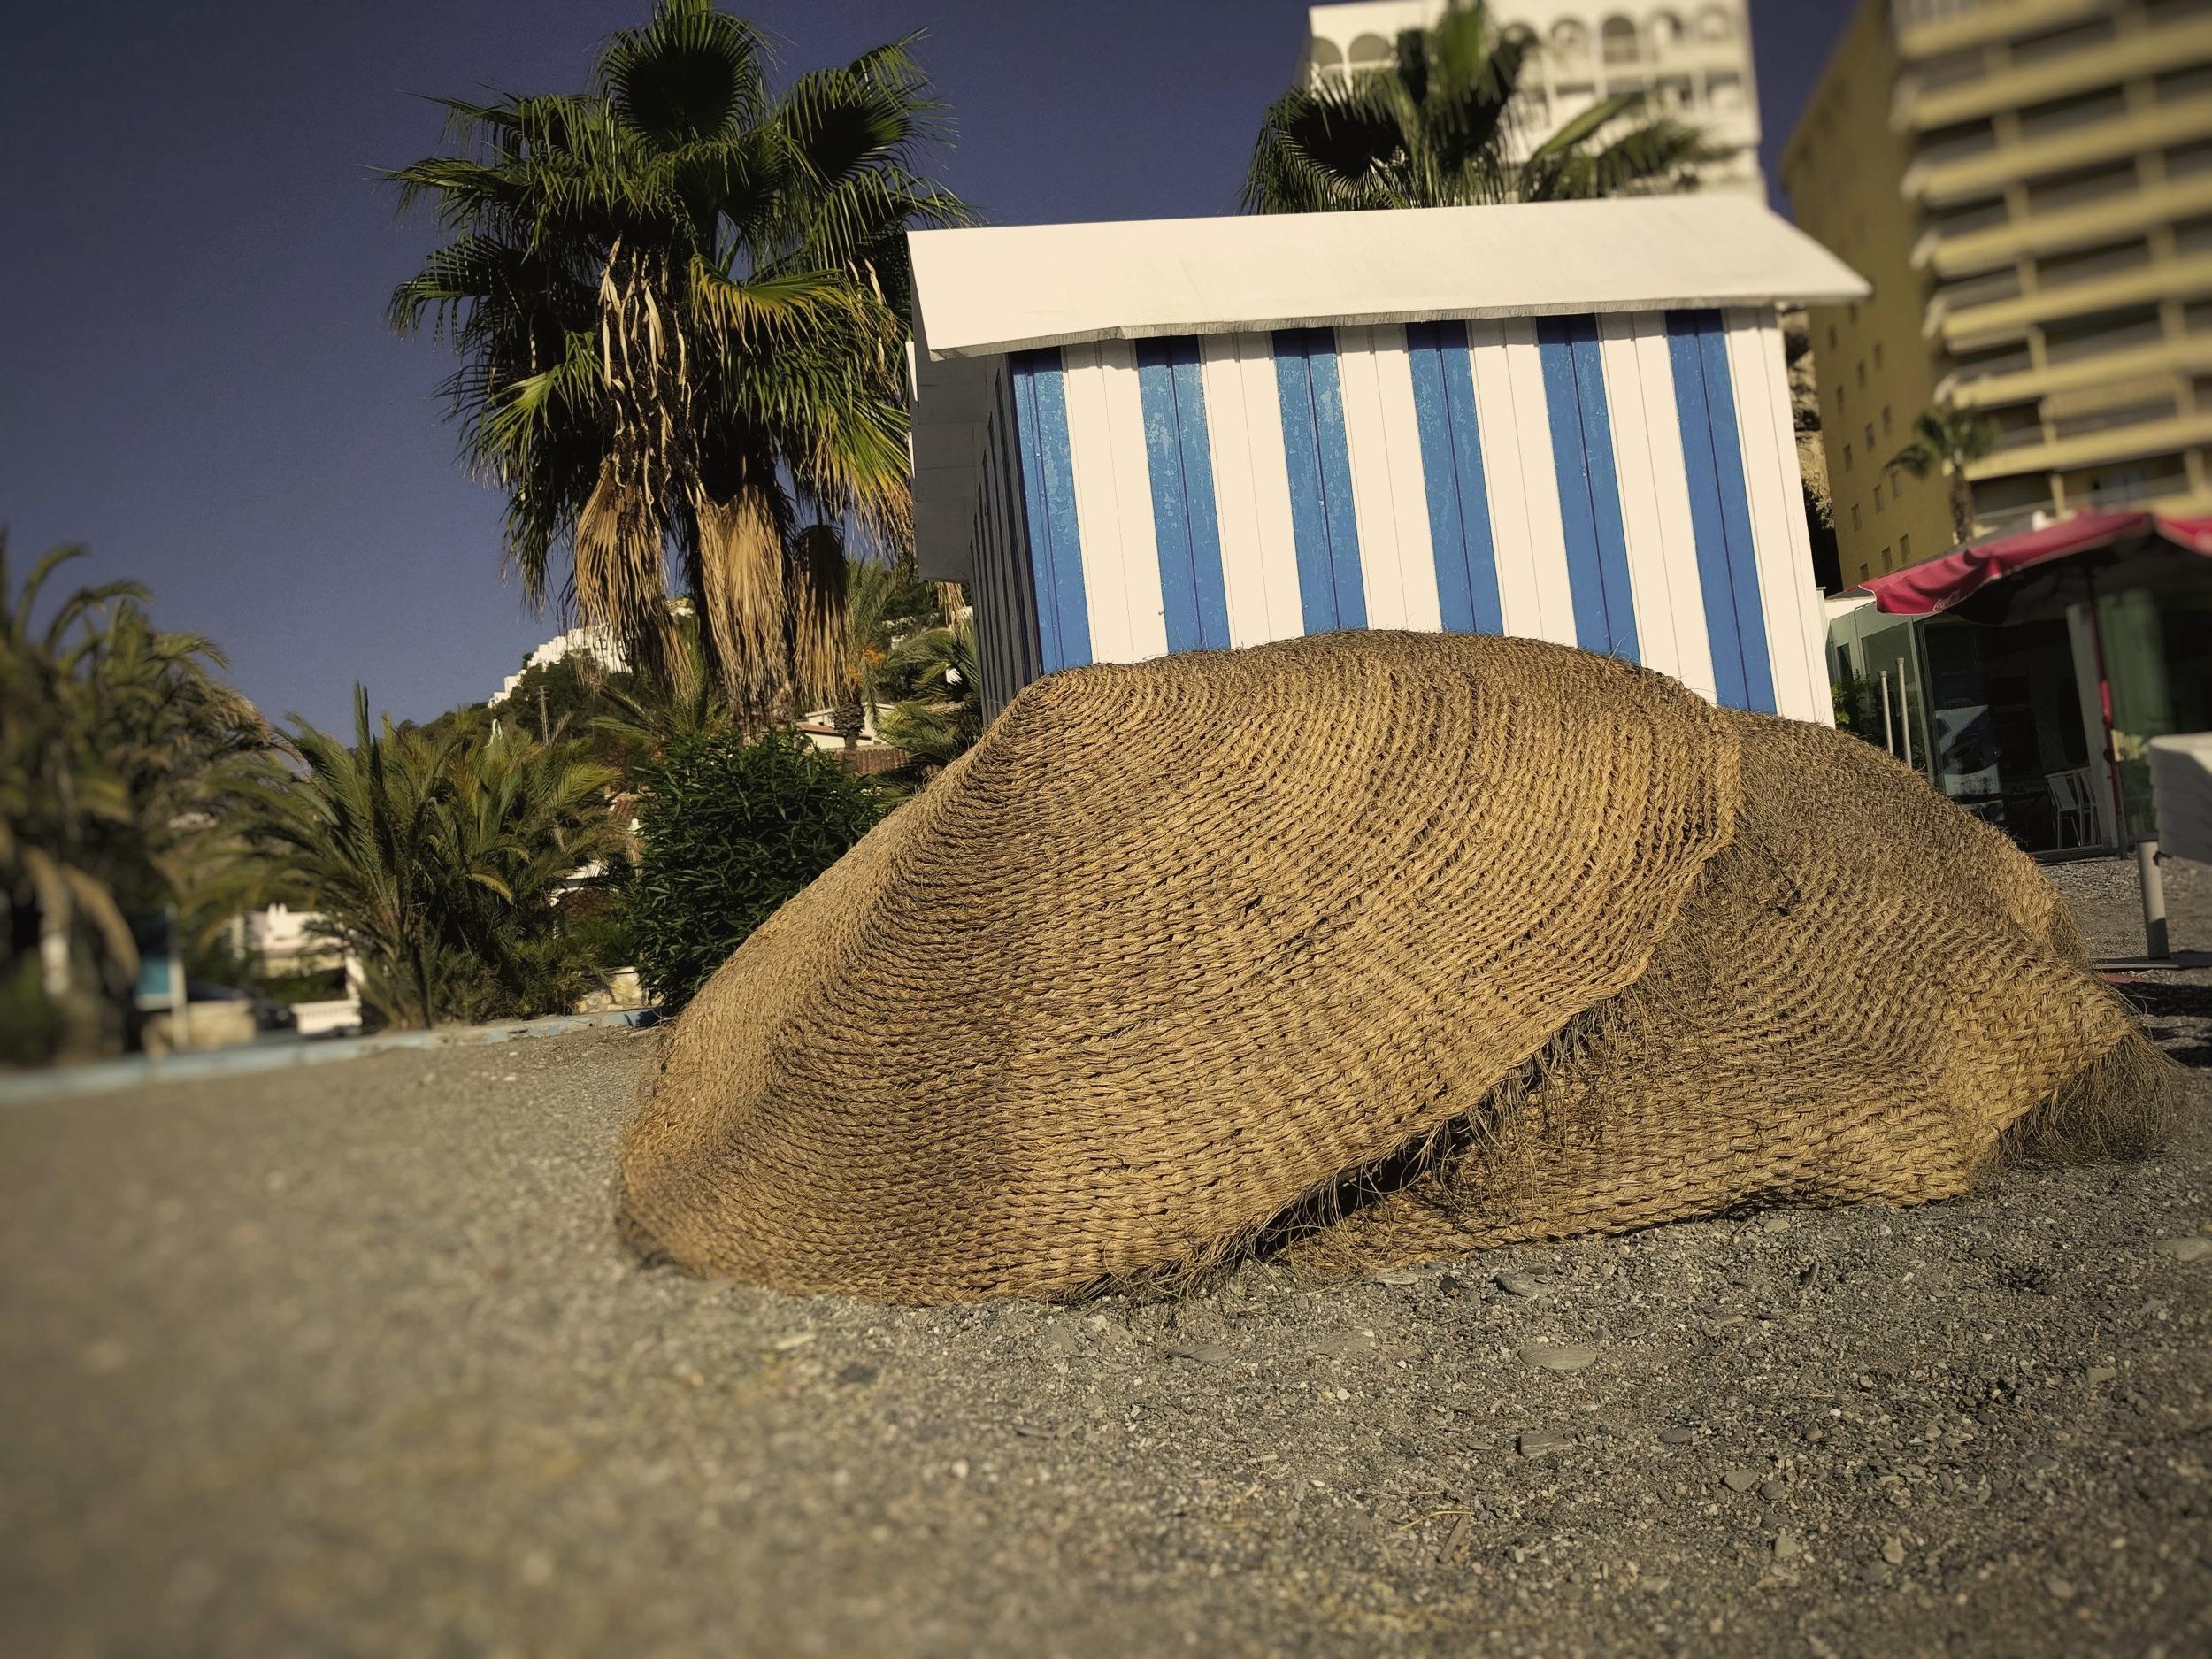 Distribuimos parasoles en toda la costa española y en Portugal